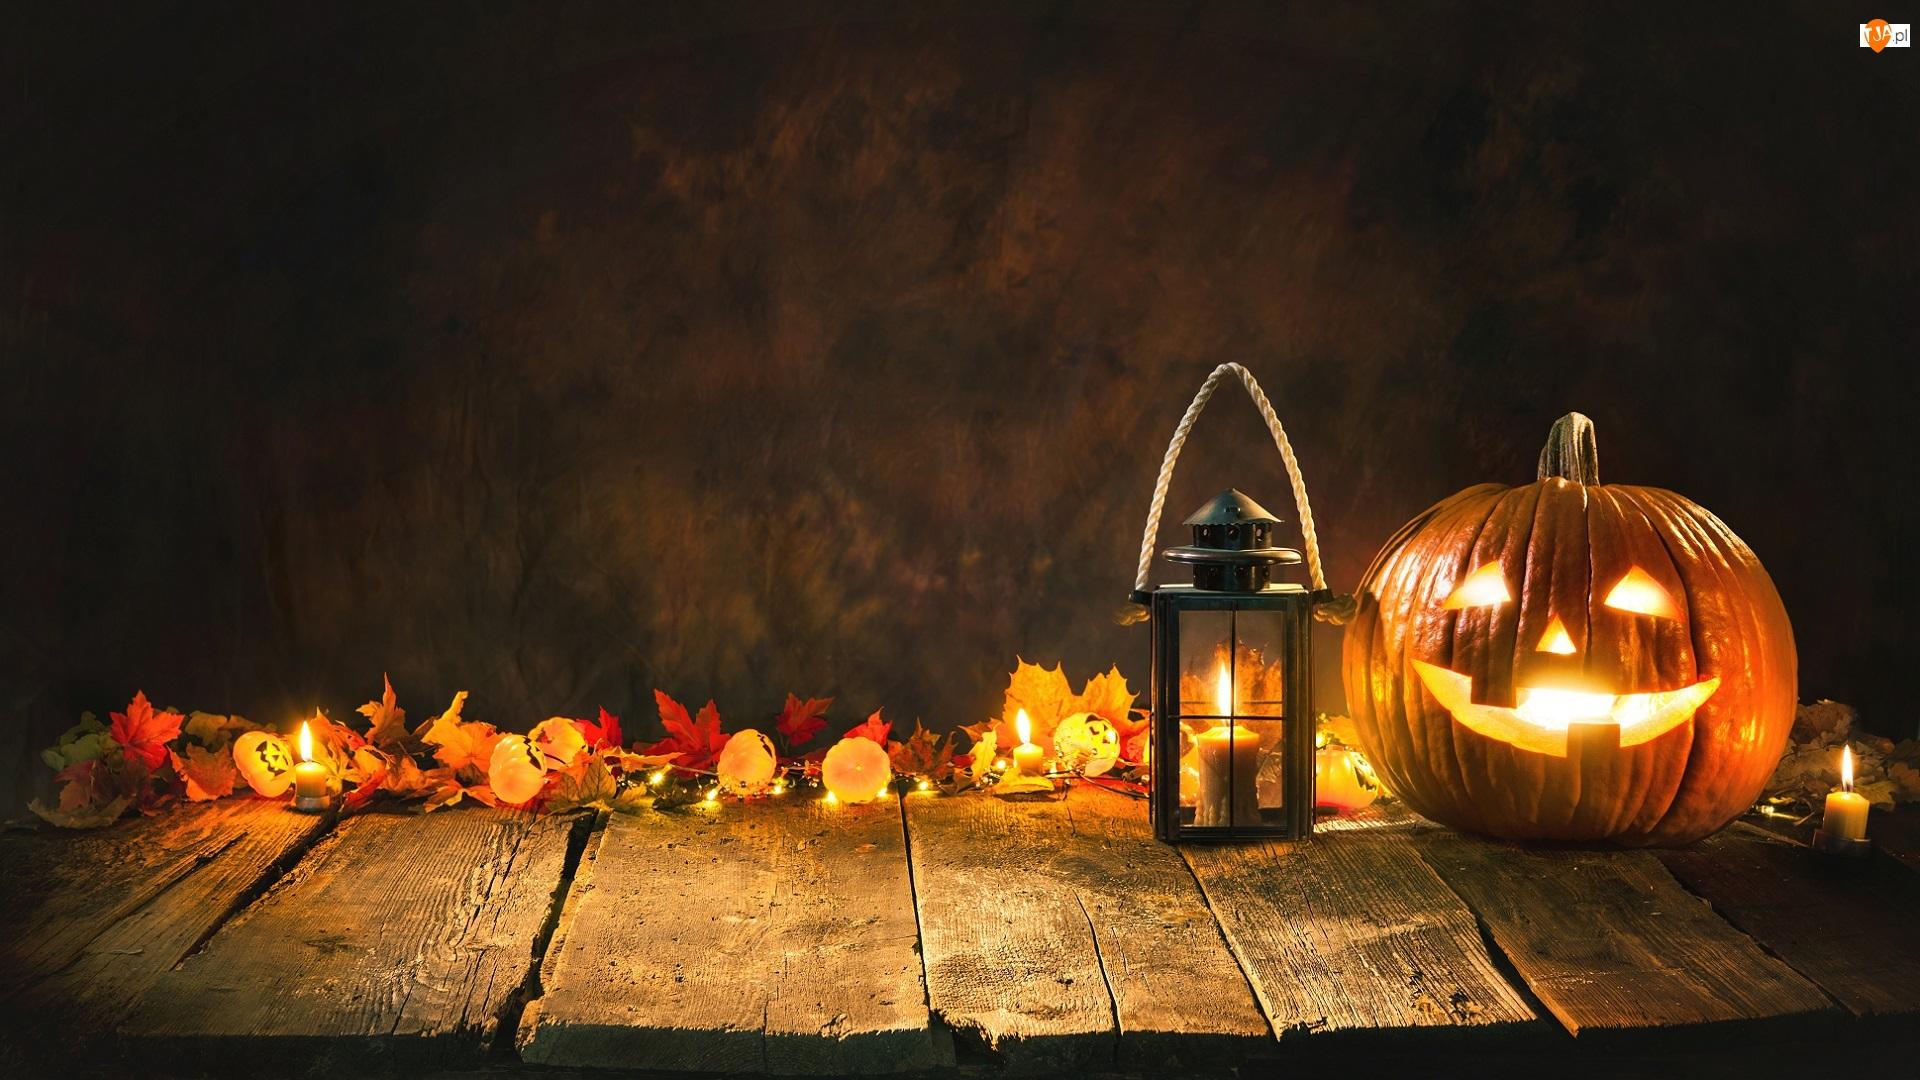 Świecąca, Dynia, Deski, Halloween, Liście, Świeczki, Lampion